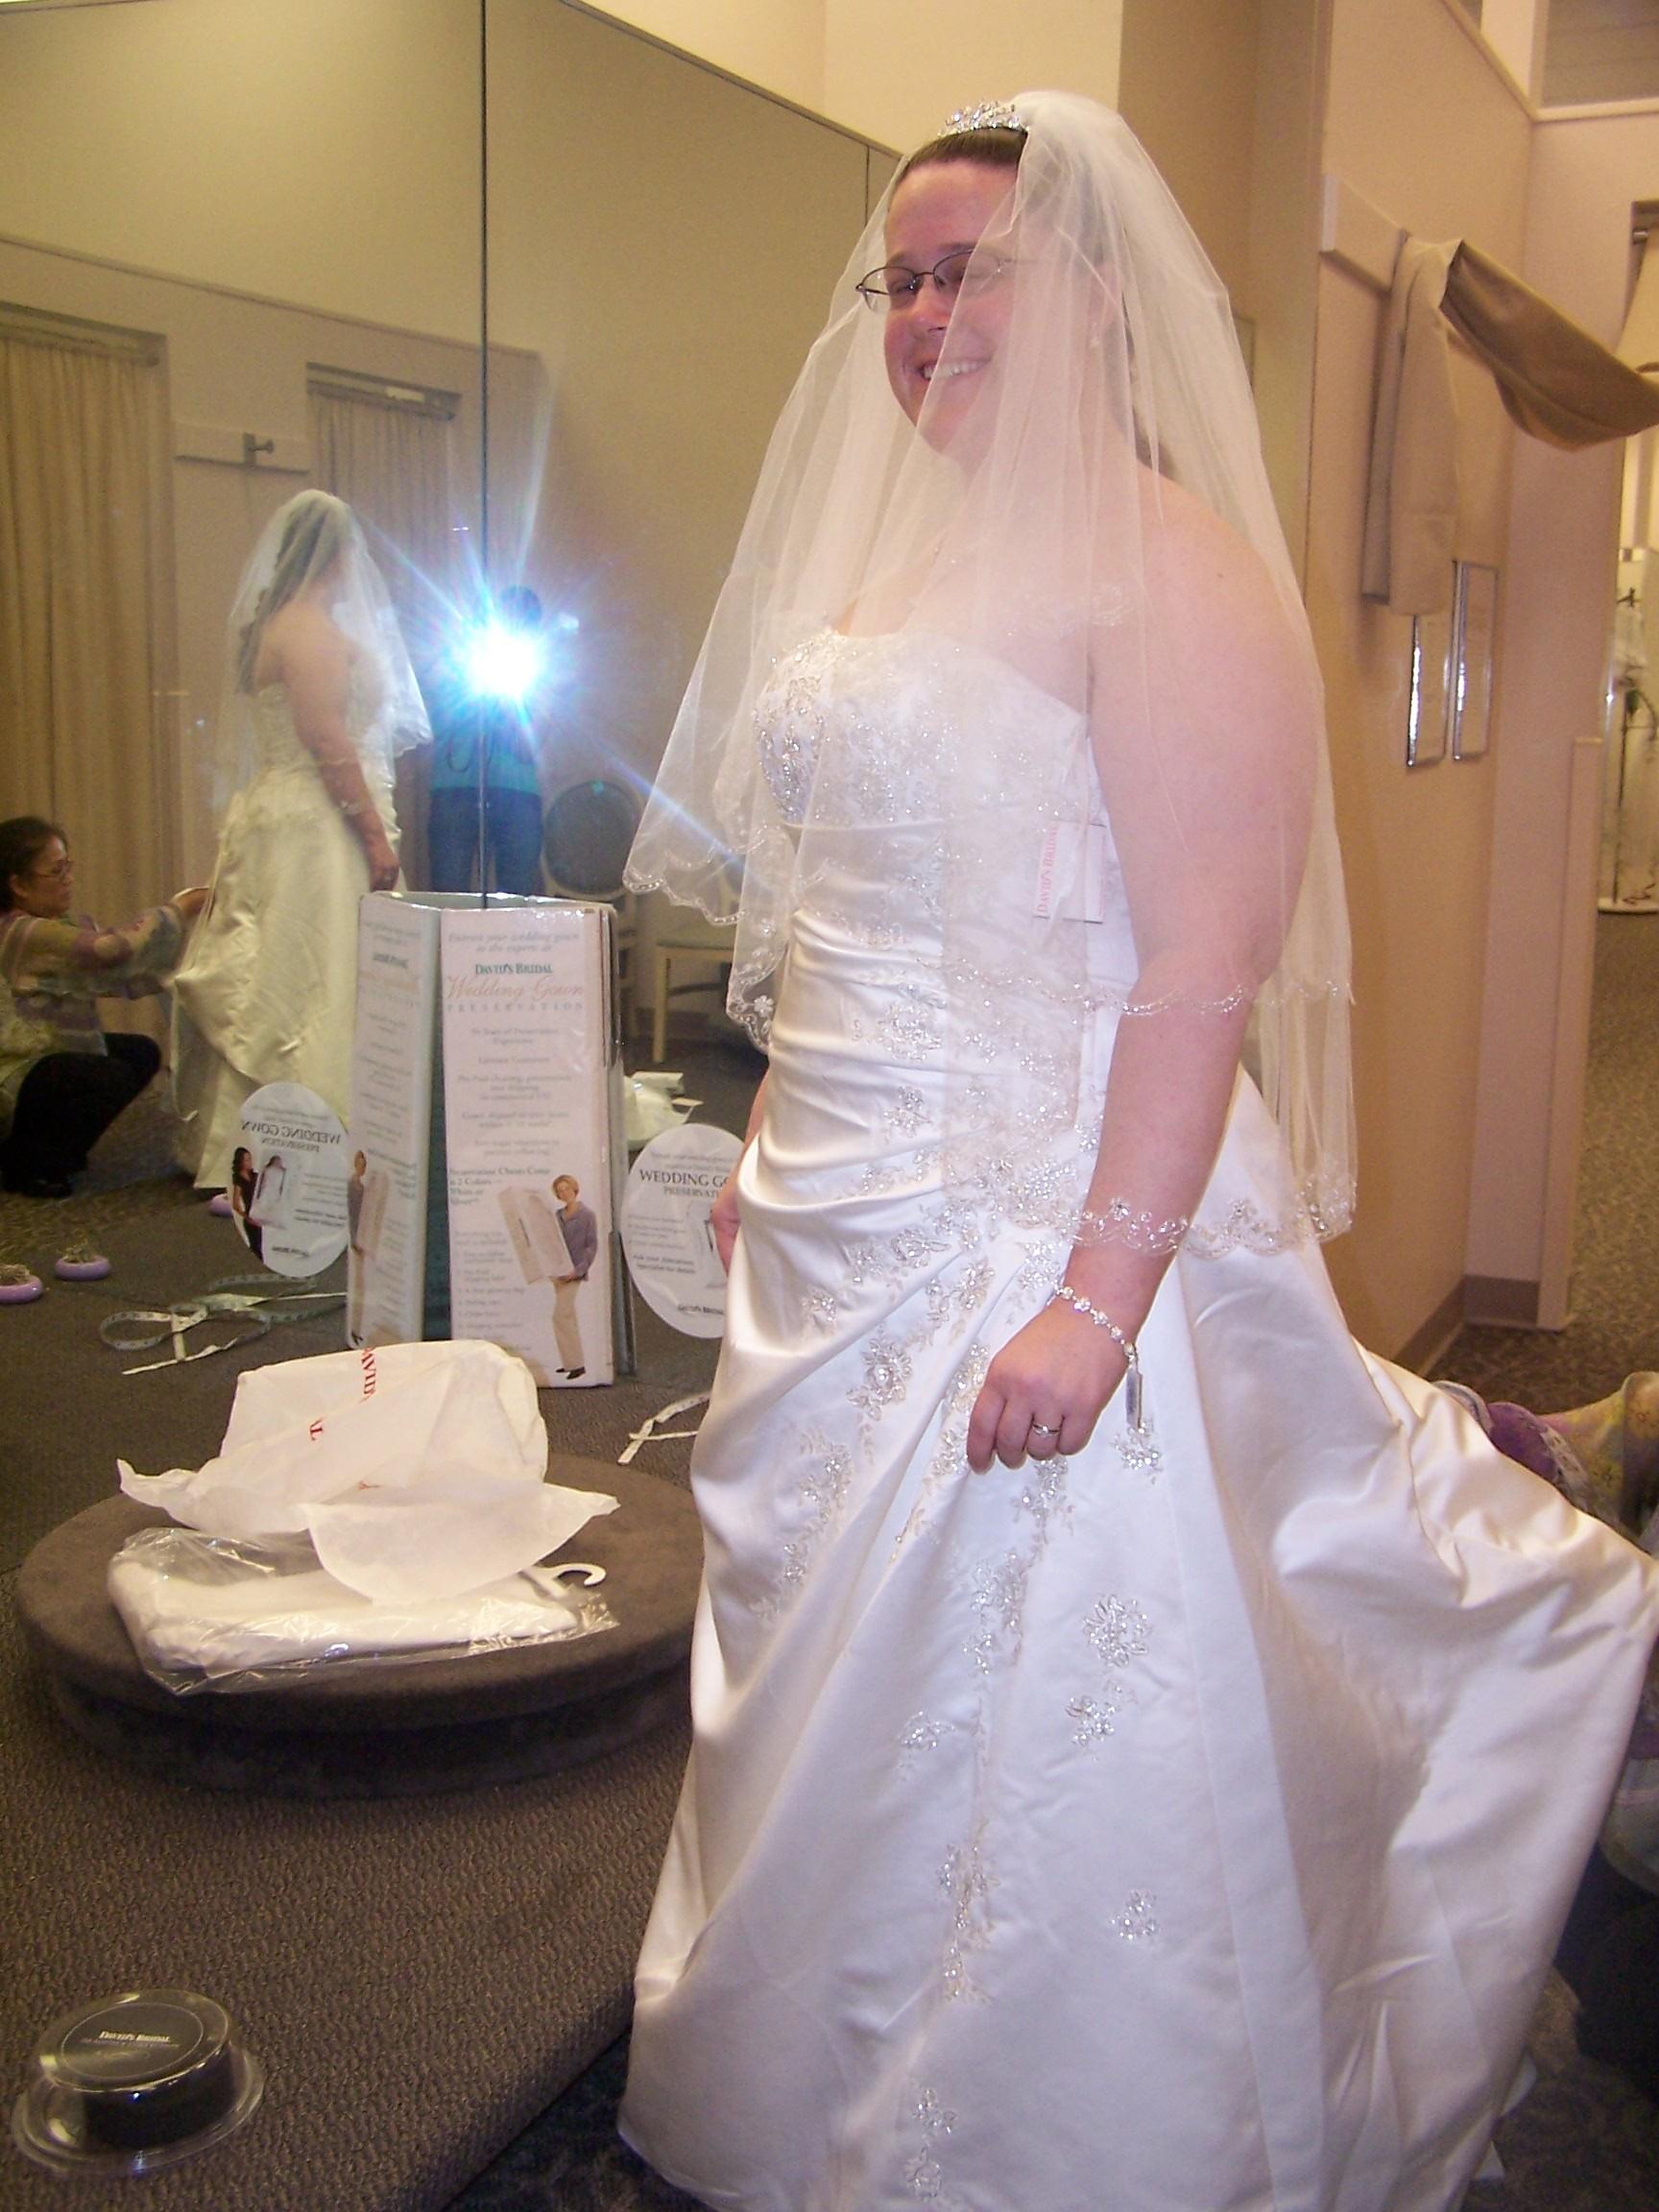 Ceremony, Reception, Flowers & Decor, Jewelry, Wedding Dresses, Fashion, dress